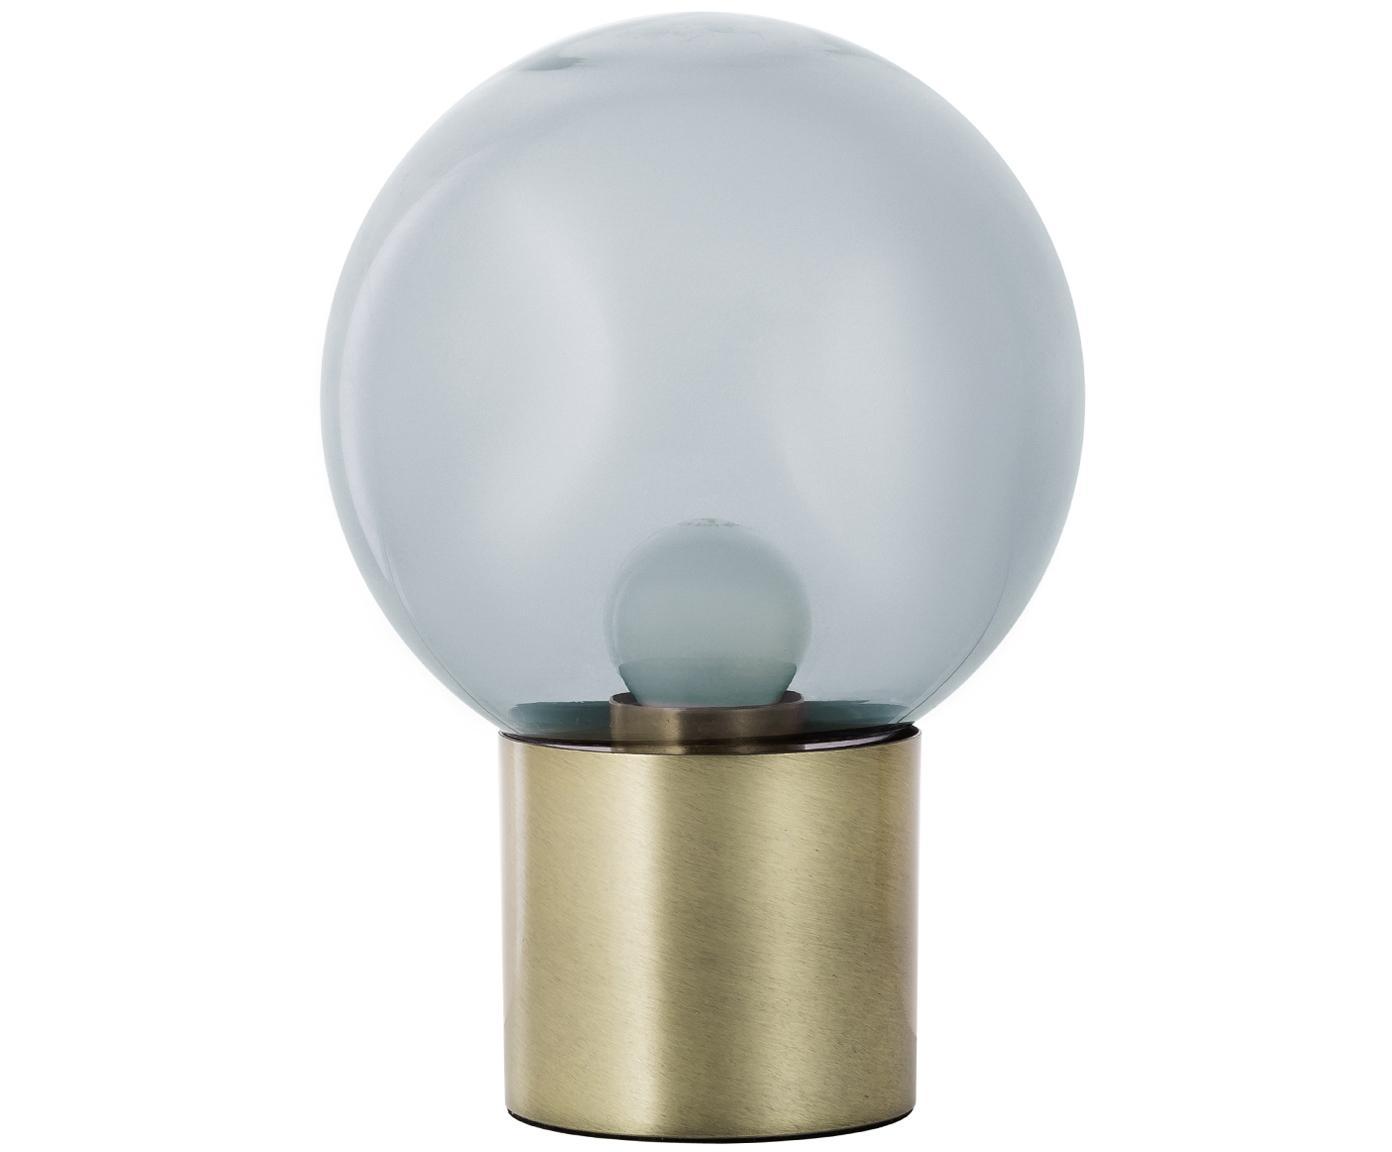 Lampa stołowa ze szkła Lark, Klosz: szary, transparentny Podstawa lampy: odcienie mosiądzu, matowy, Ø 17 x W 24 cm